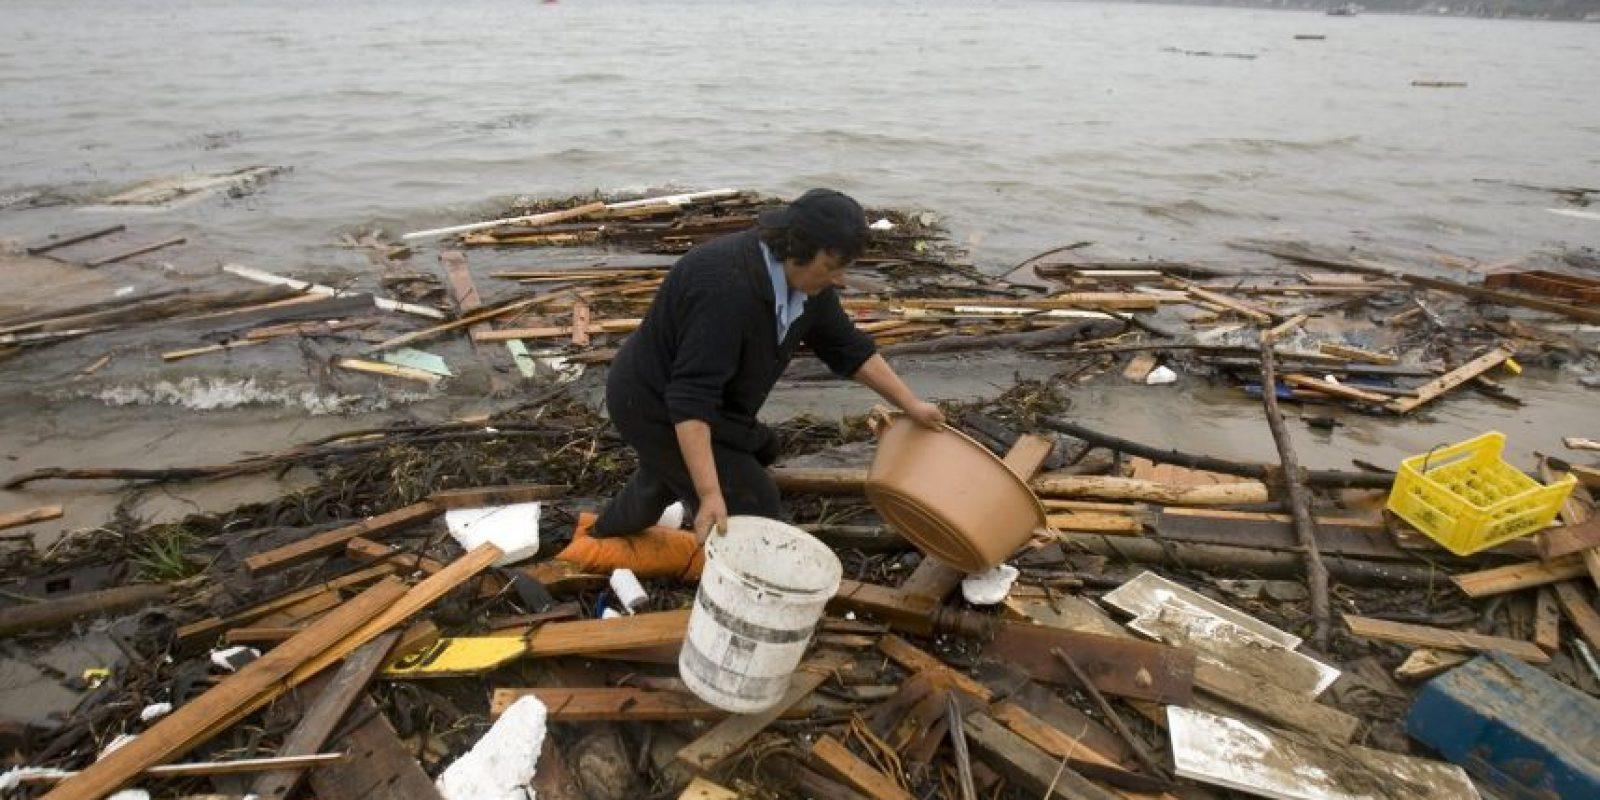 Doris Andrade recolectaba agua del mar el lunes 1 de marzo de 2010, tras el maremoto en la localidad de Dichato, a 475 kilómetros al sur de Santiago (Chile), a raíz del terremoto de 8,8 grados en la escala de Richter que sacudió el sábado 27 de febrero de 2010 el centro y sur de Chile. Foto:Archivo EFE/Ian Salas